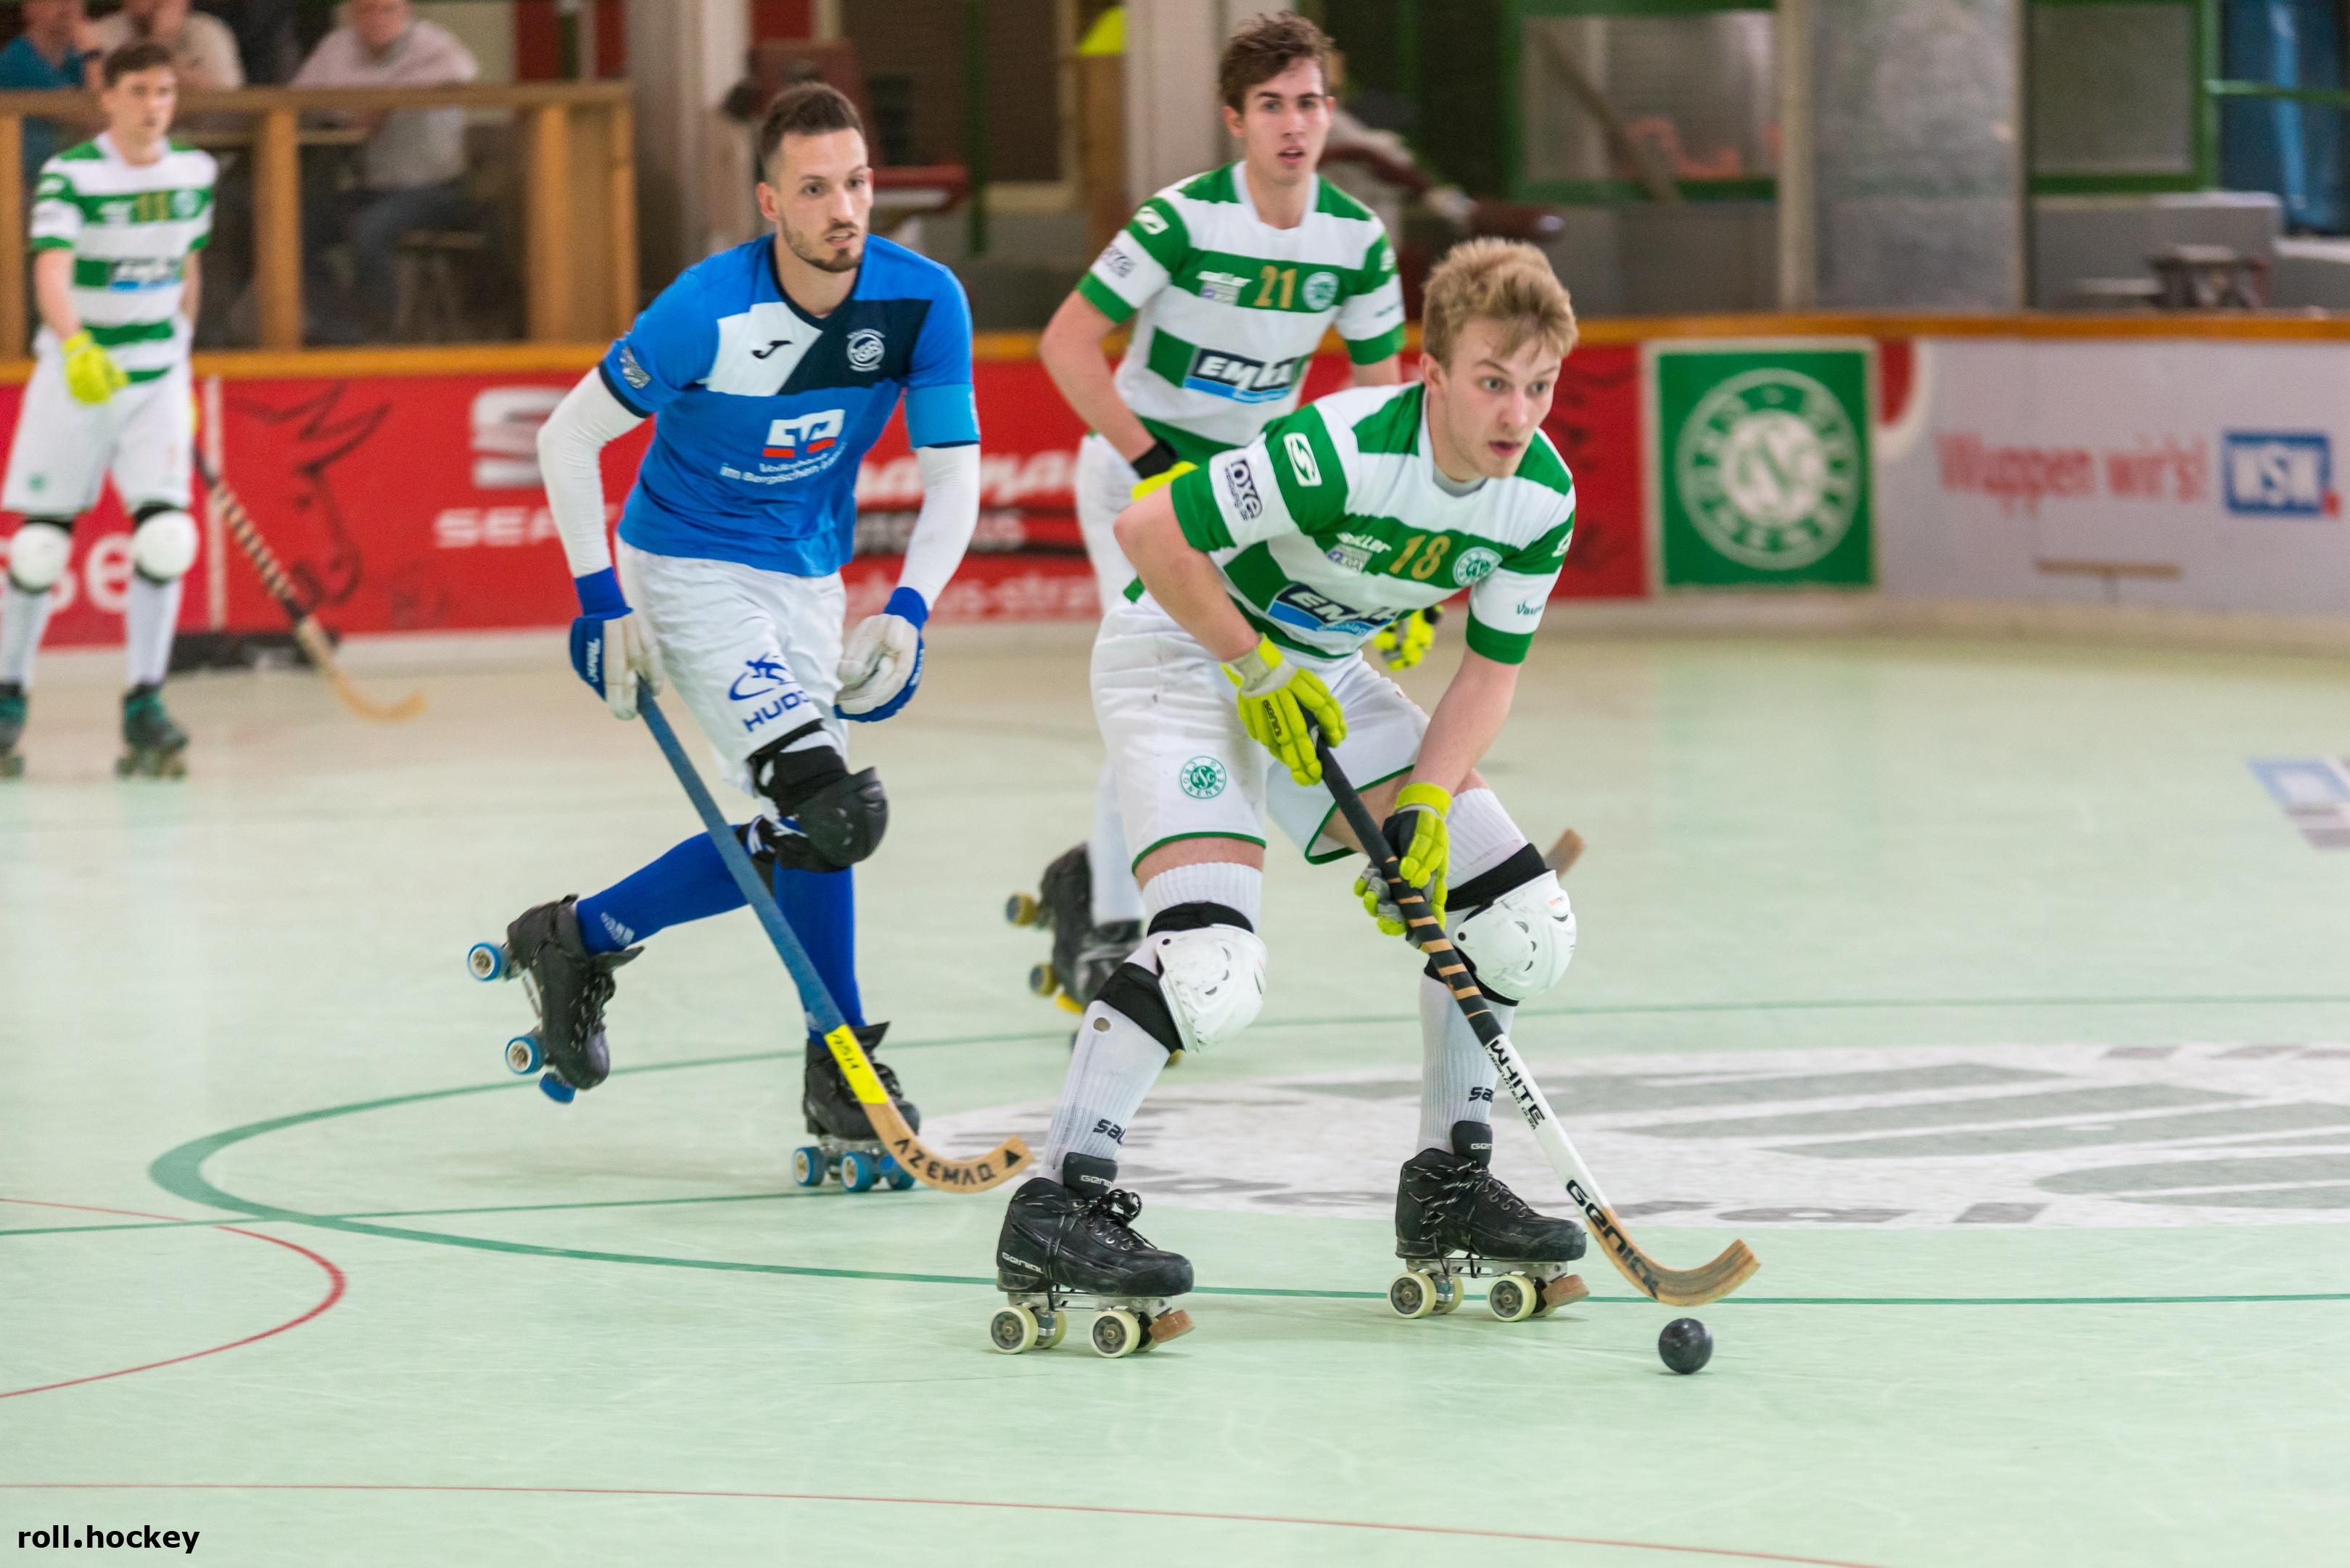 RSC Cronenberg Rollhockey Bundesliga Herren Spieltag 14.04.2018